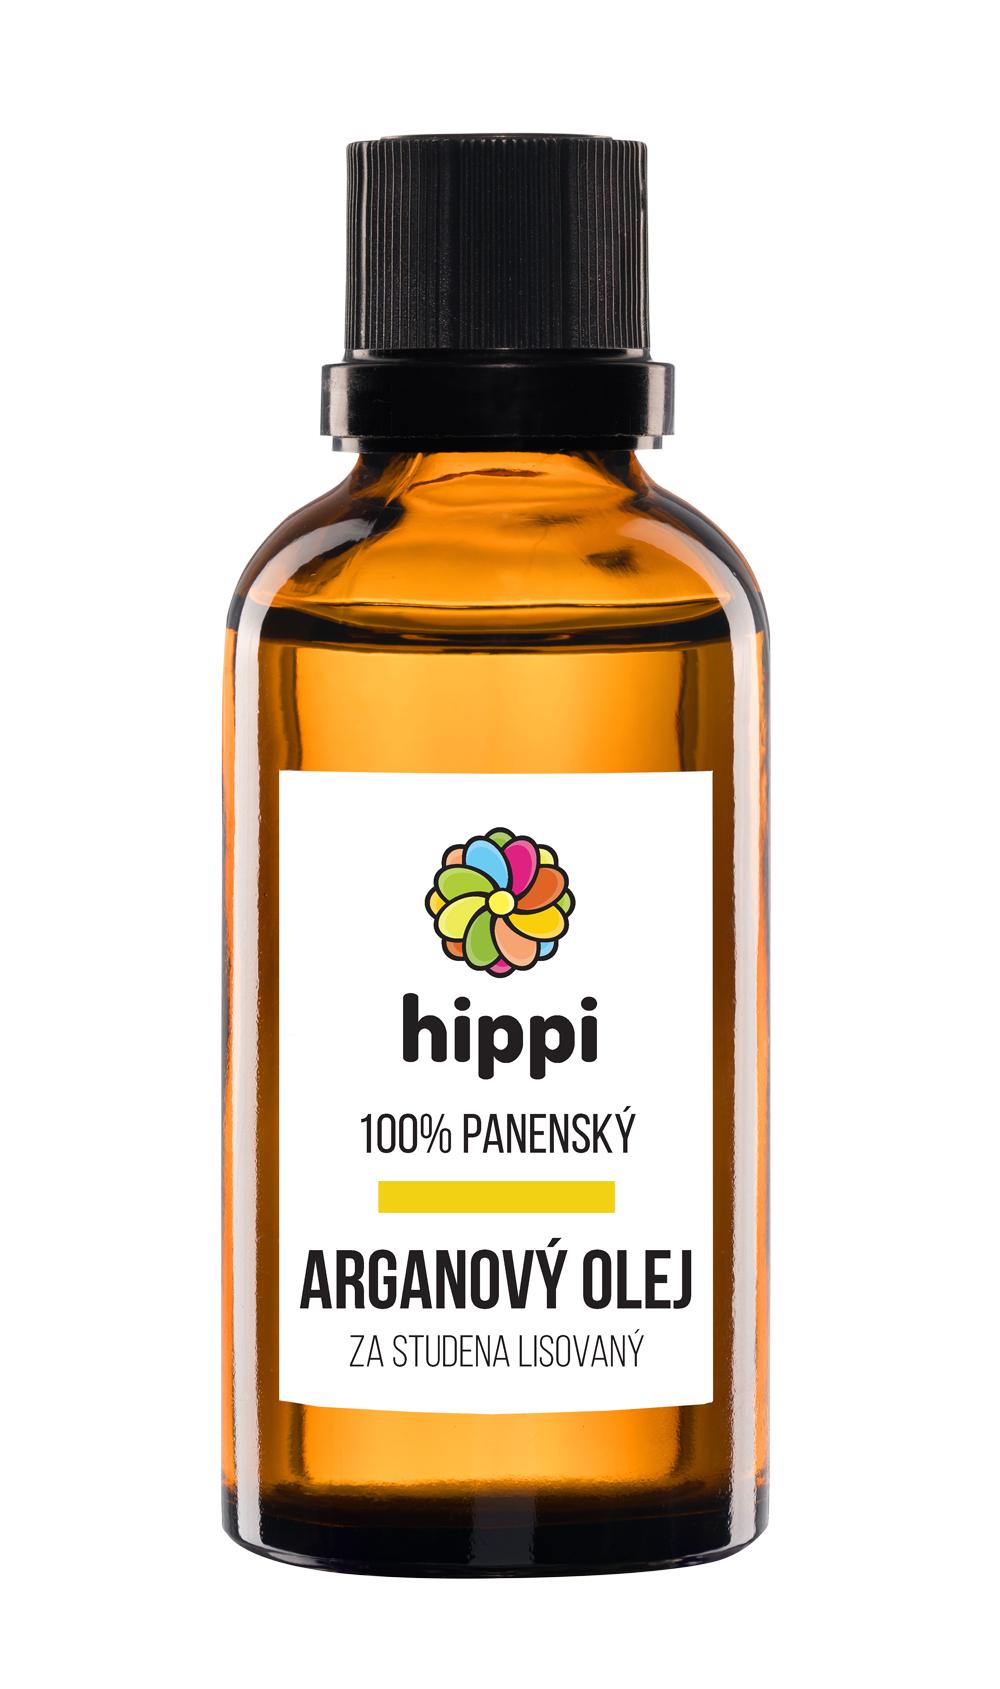 Hippi Organic - 100% panenský arganový olej na vlasy a pleť 100ml